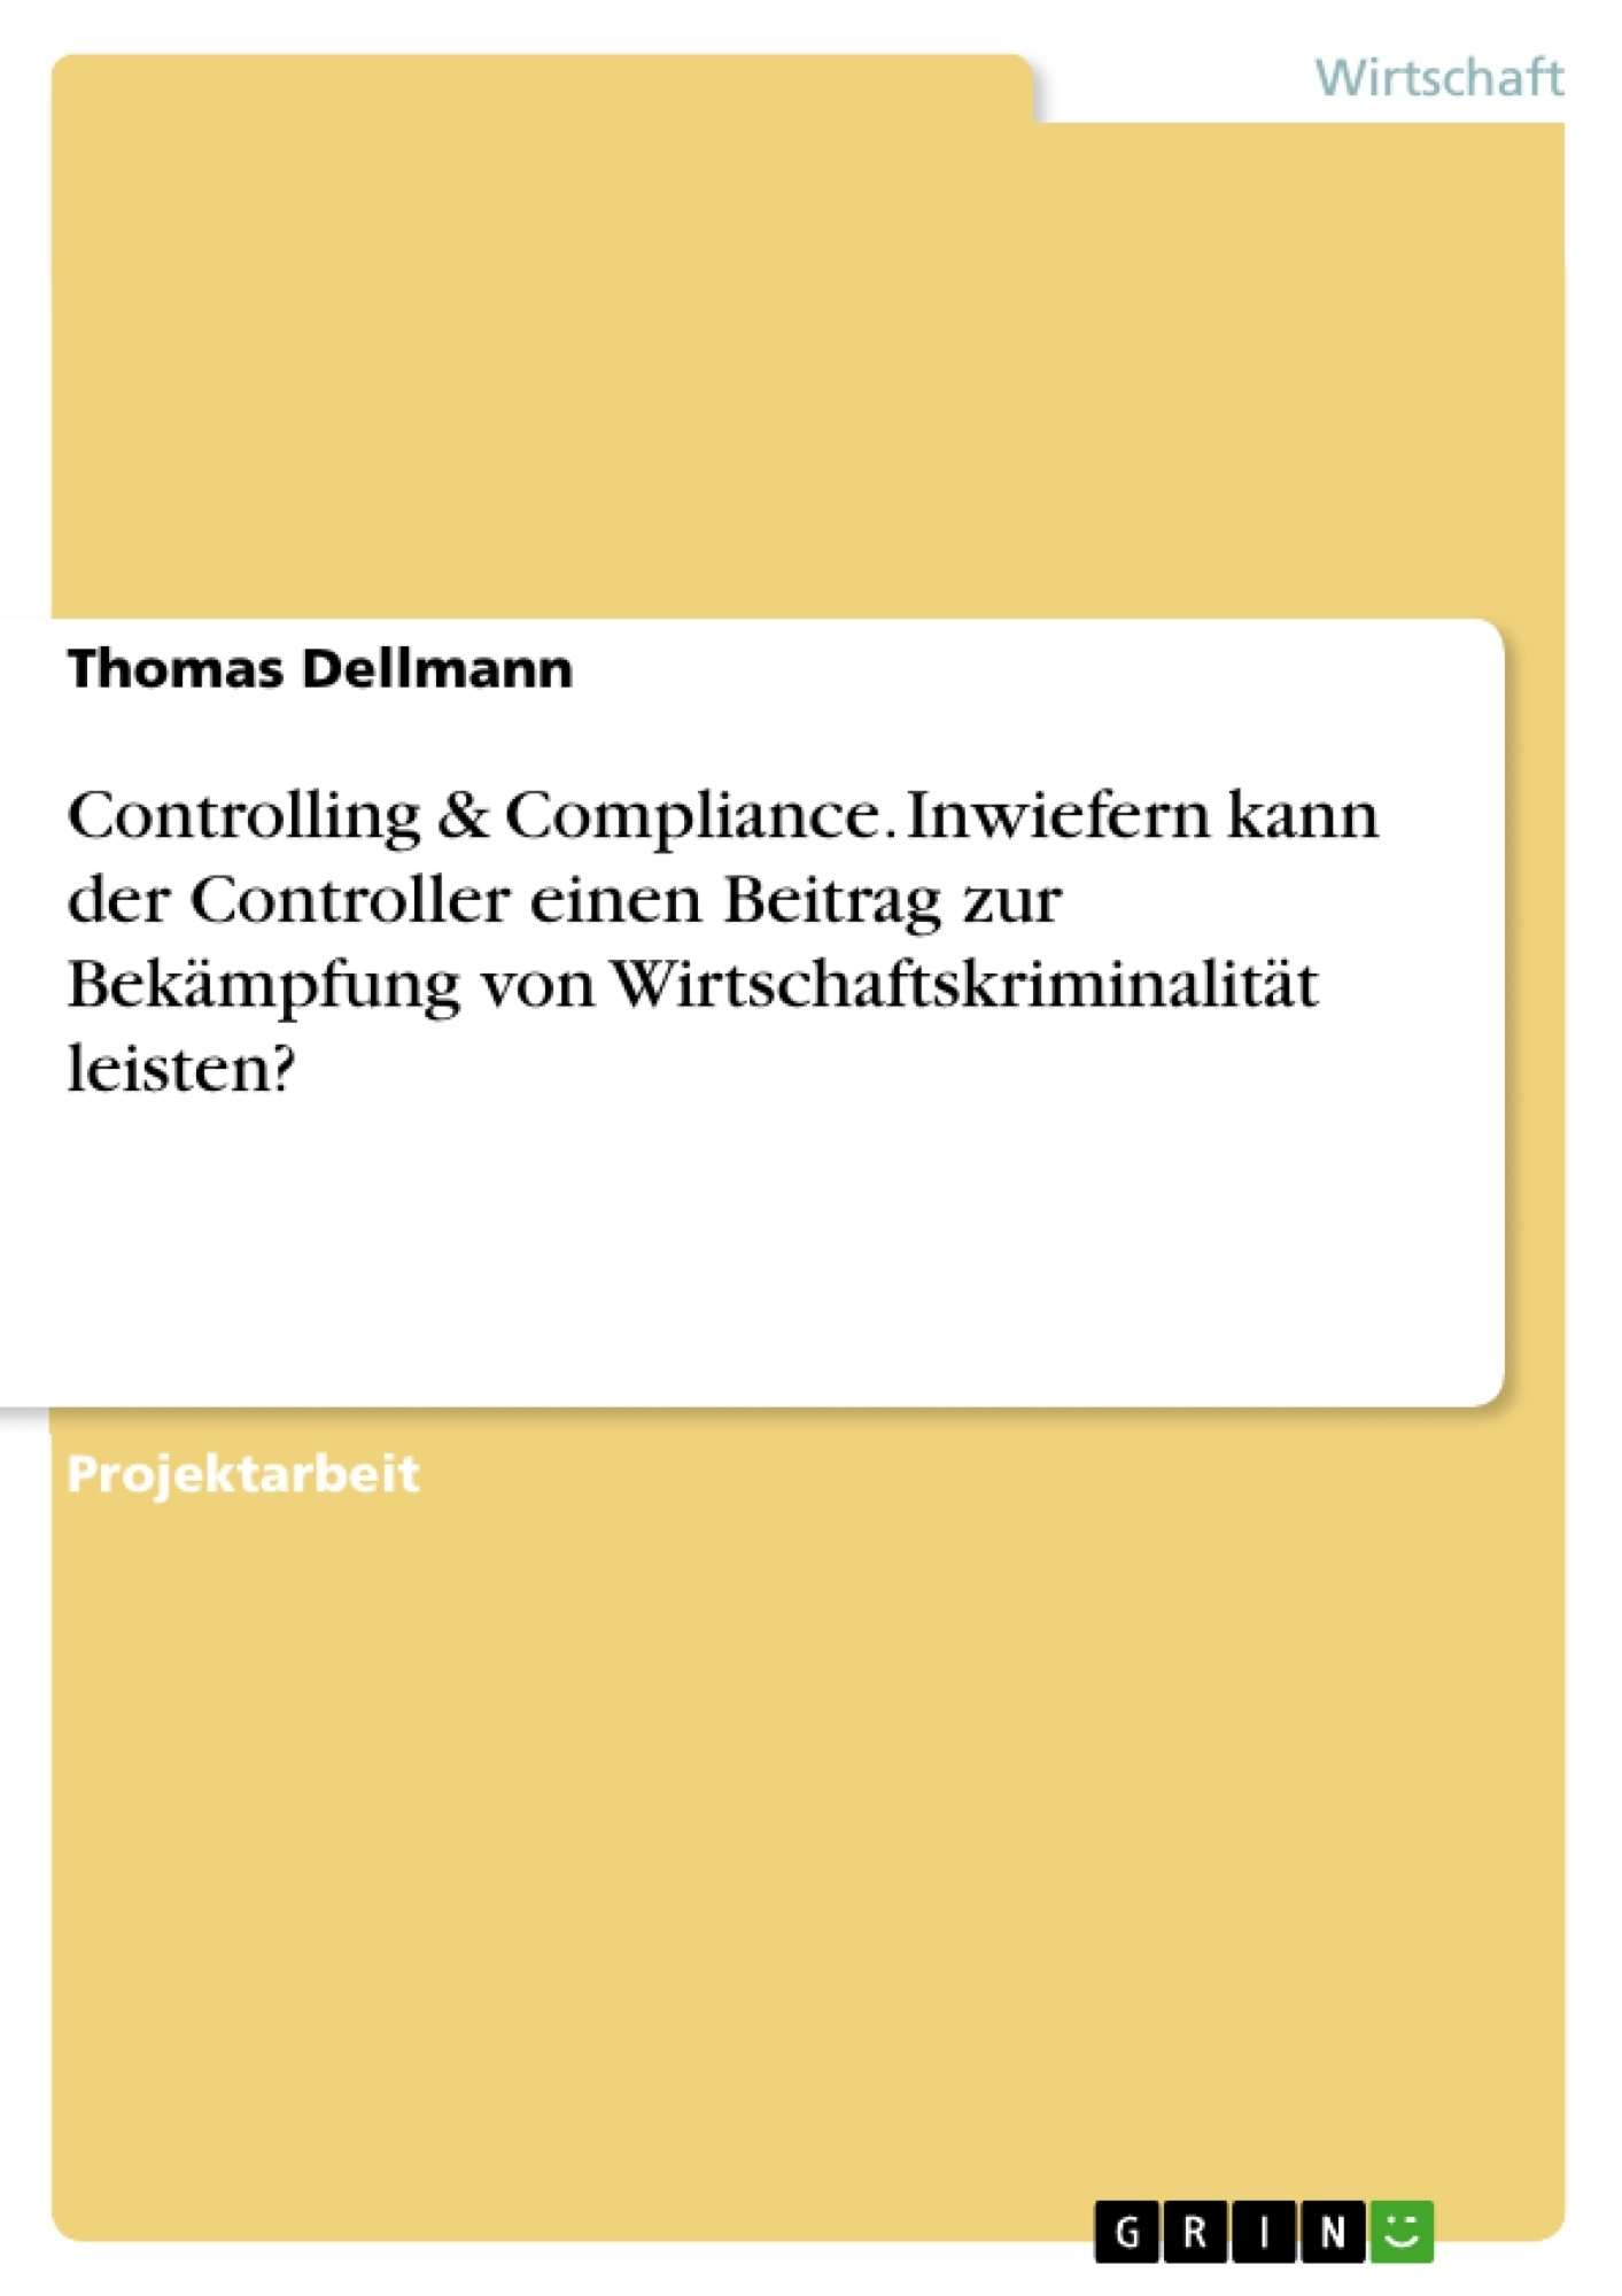 Titel: Controlling & Compliance. Inwiefern kann der Controller einen Beitrag zur Bekämpfung von Wirtschaftskriminalität leisten?